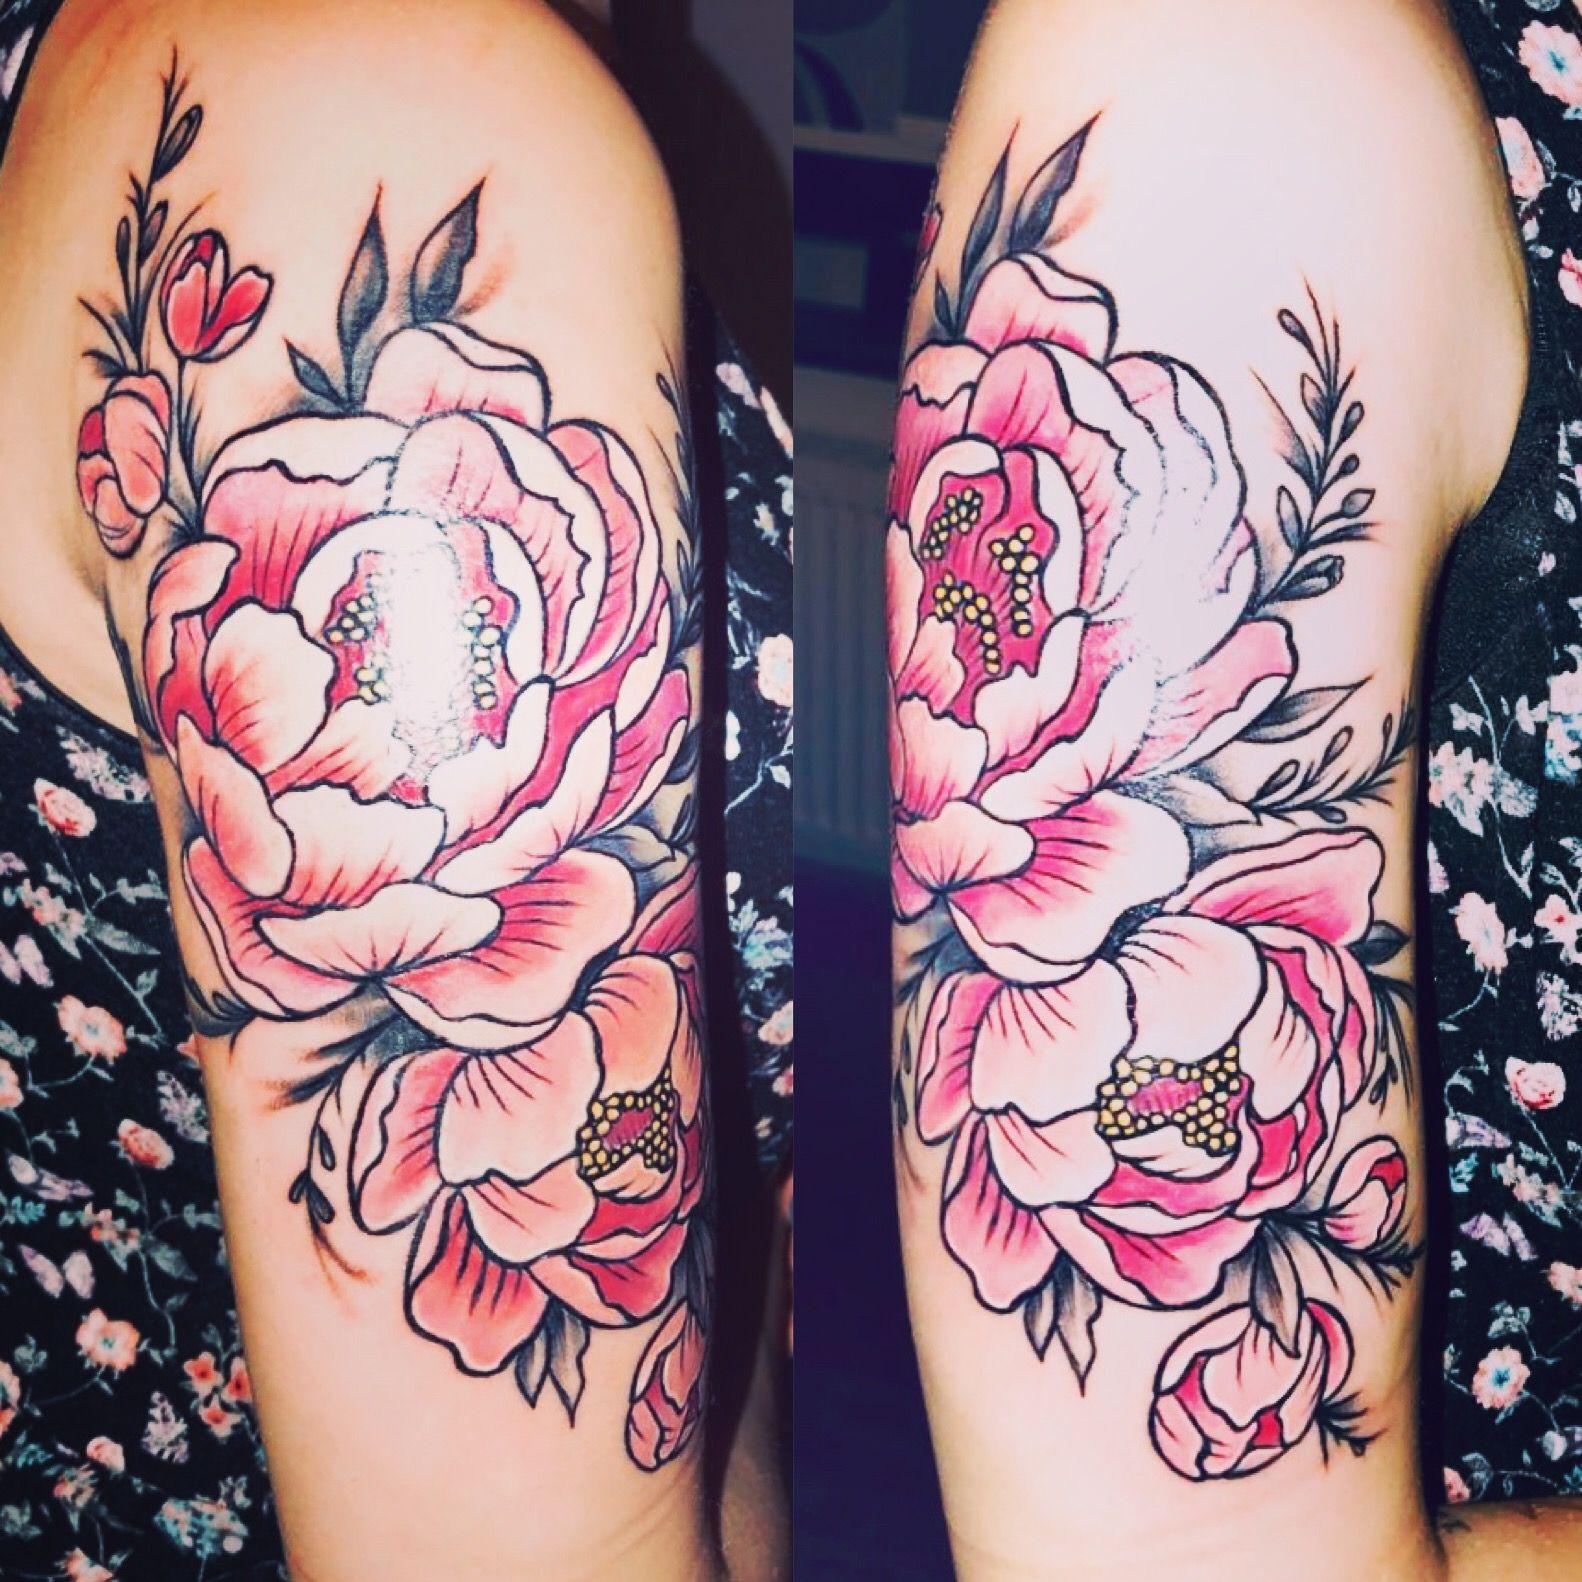 Blumen tattoo Vegan tattoo, Tattoos, Body art